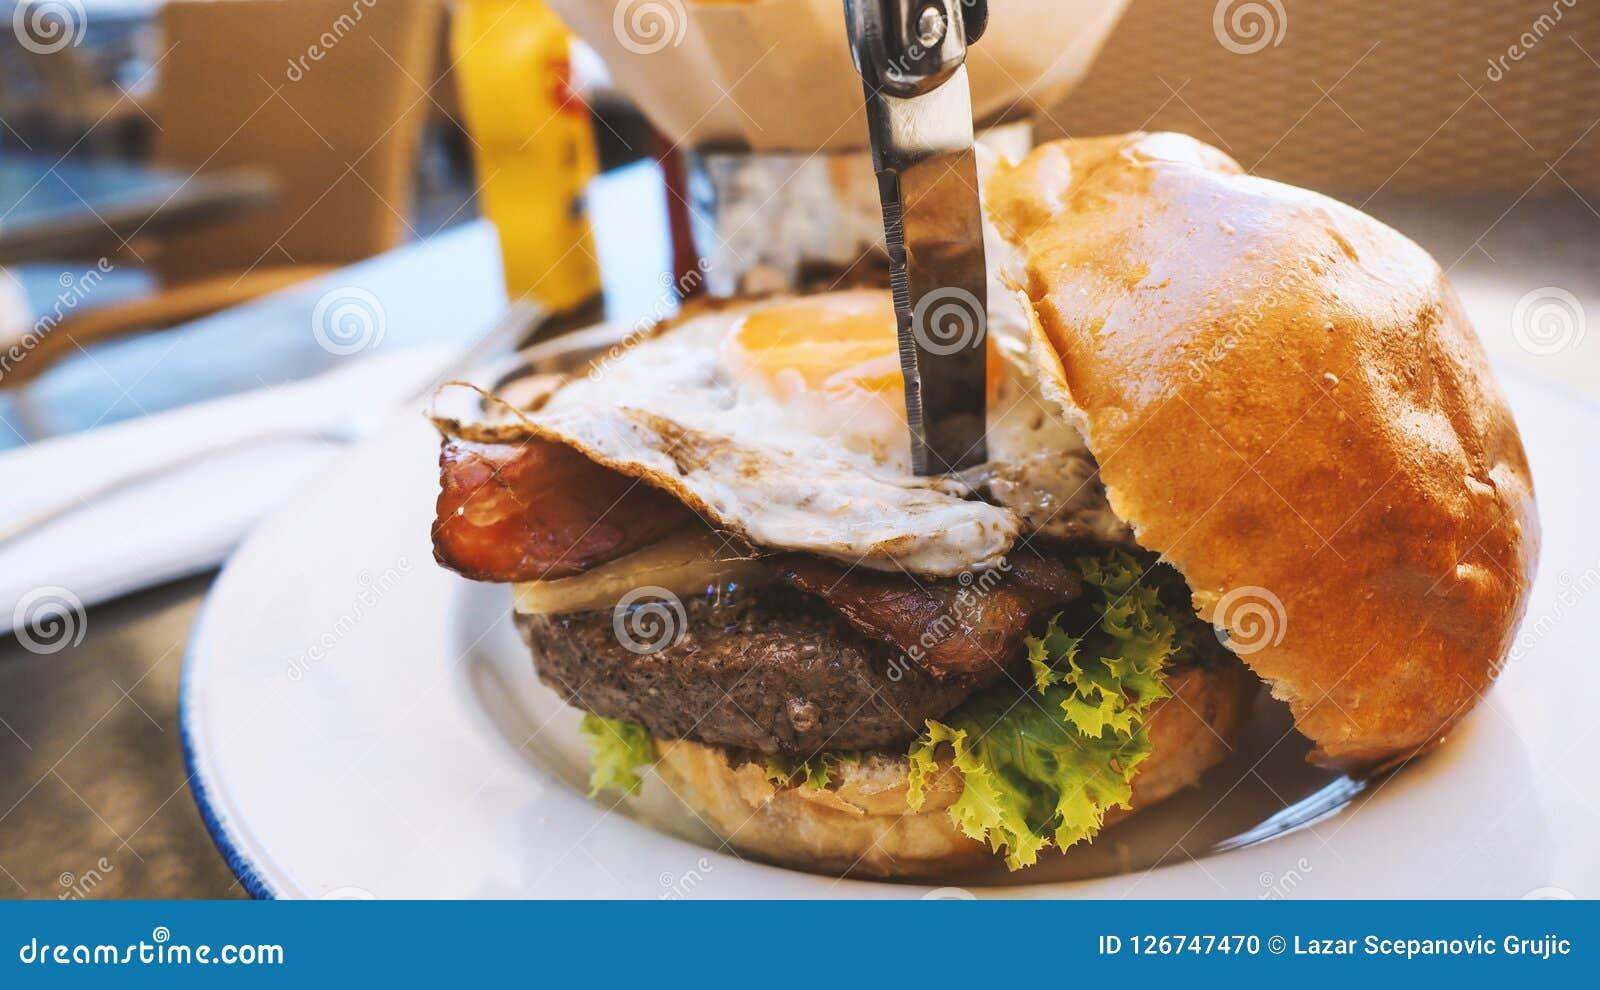 Perfekte Burgermahlzeit in einem Hardrockrestaurant